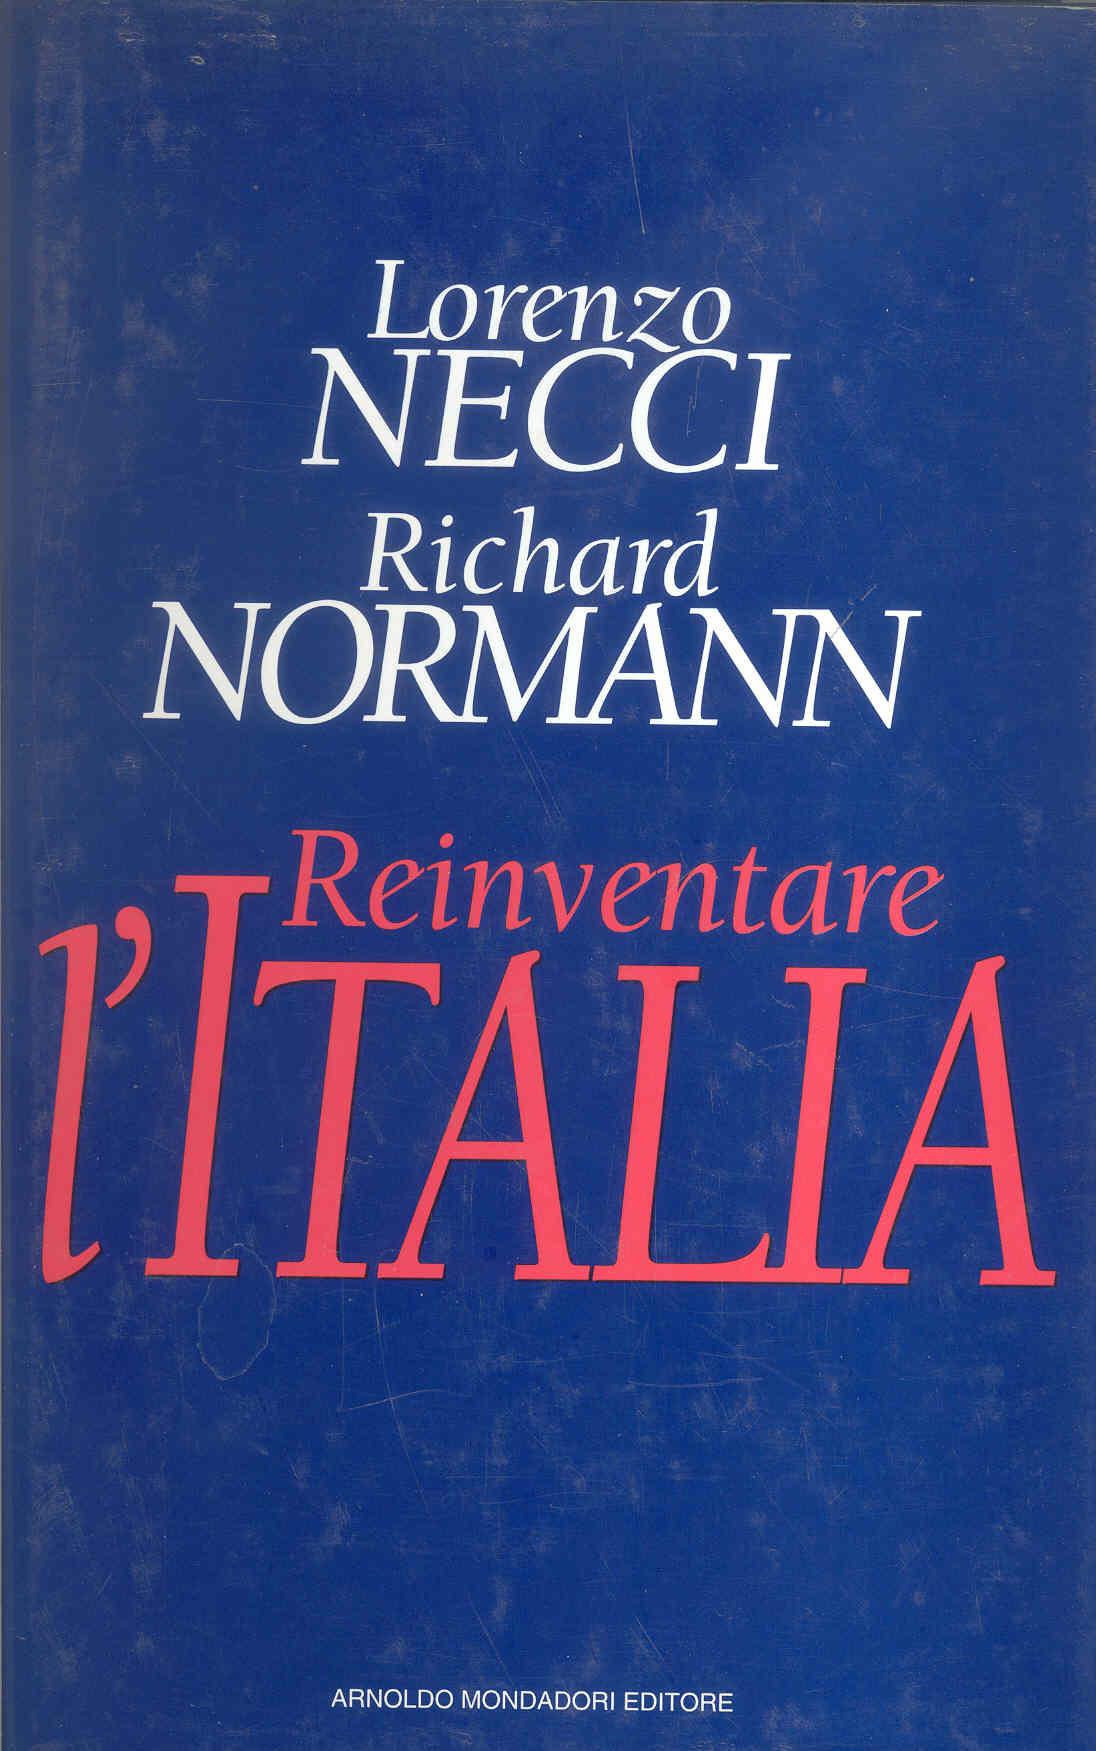 Reinventare l'Italia